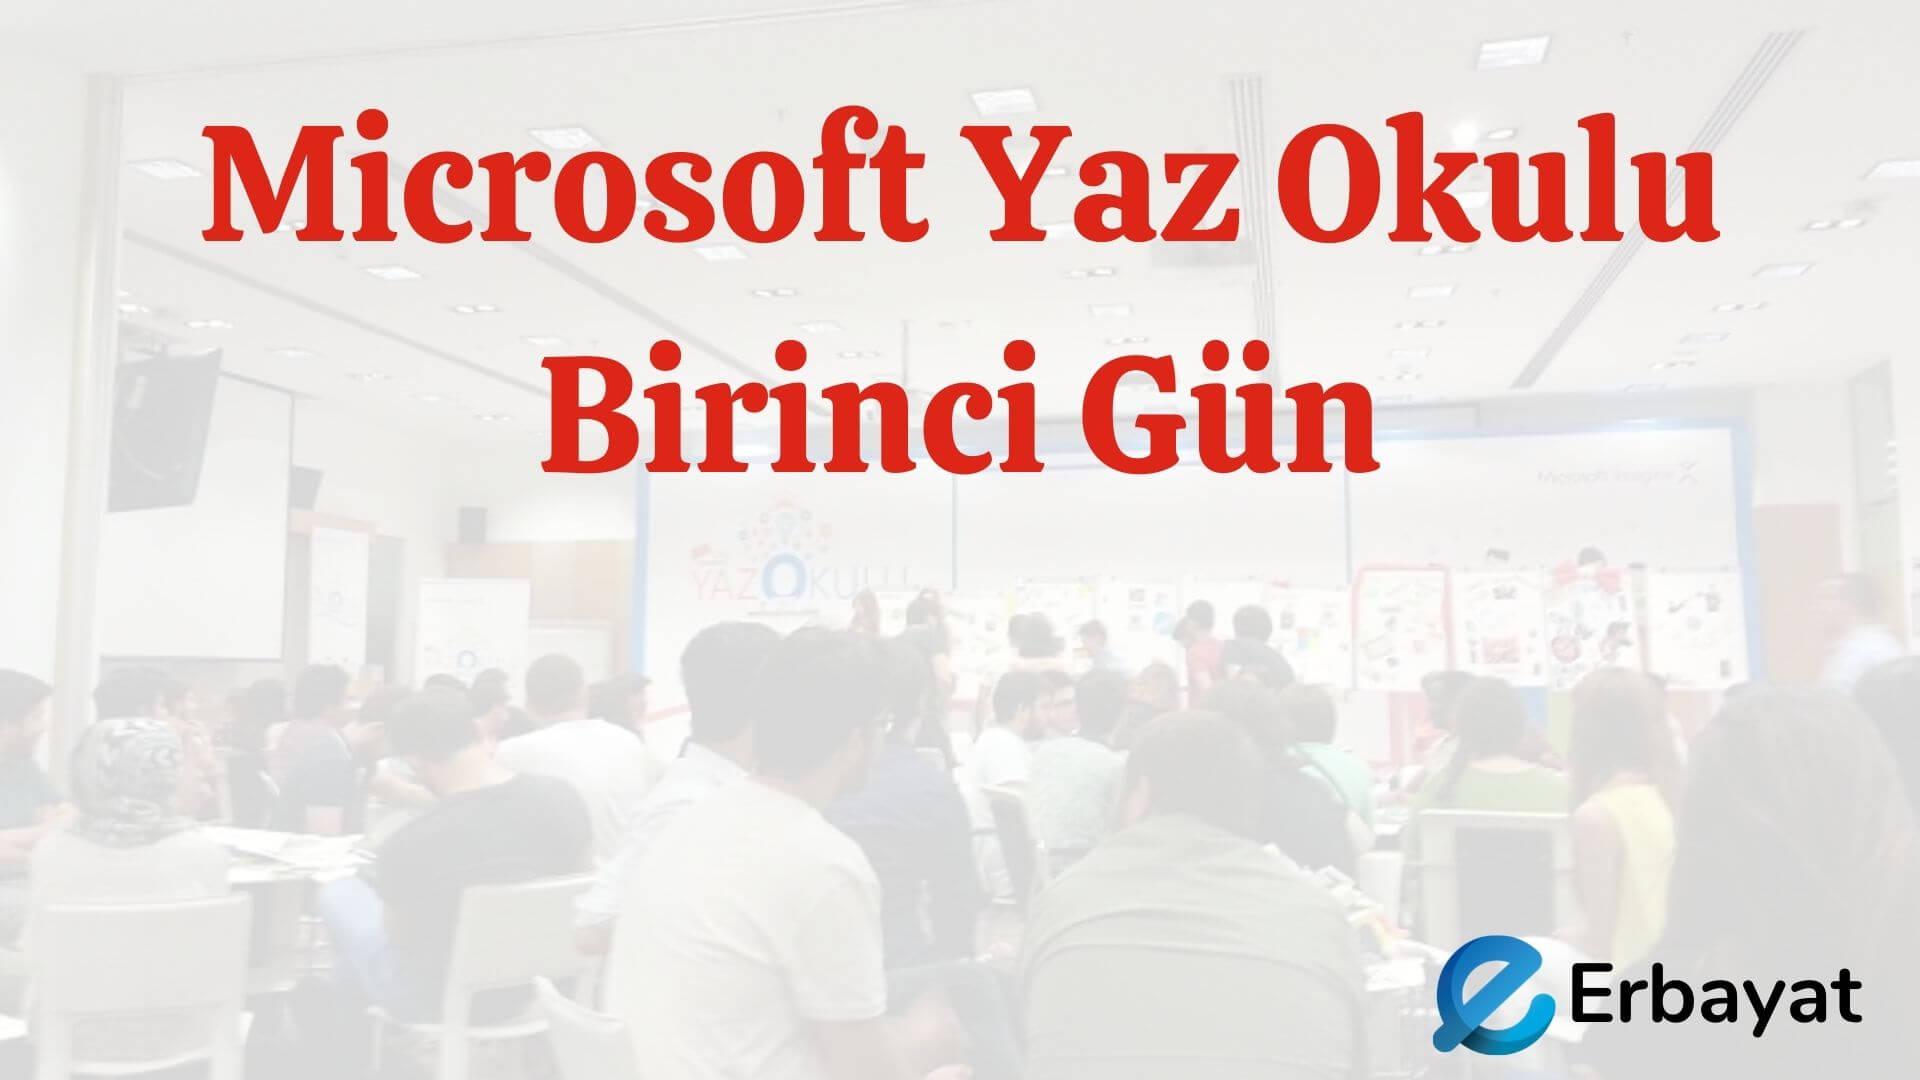 Microsoft Yaz Okulu Birinci Gün